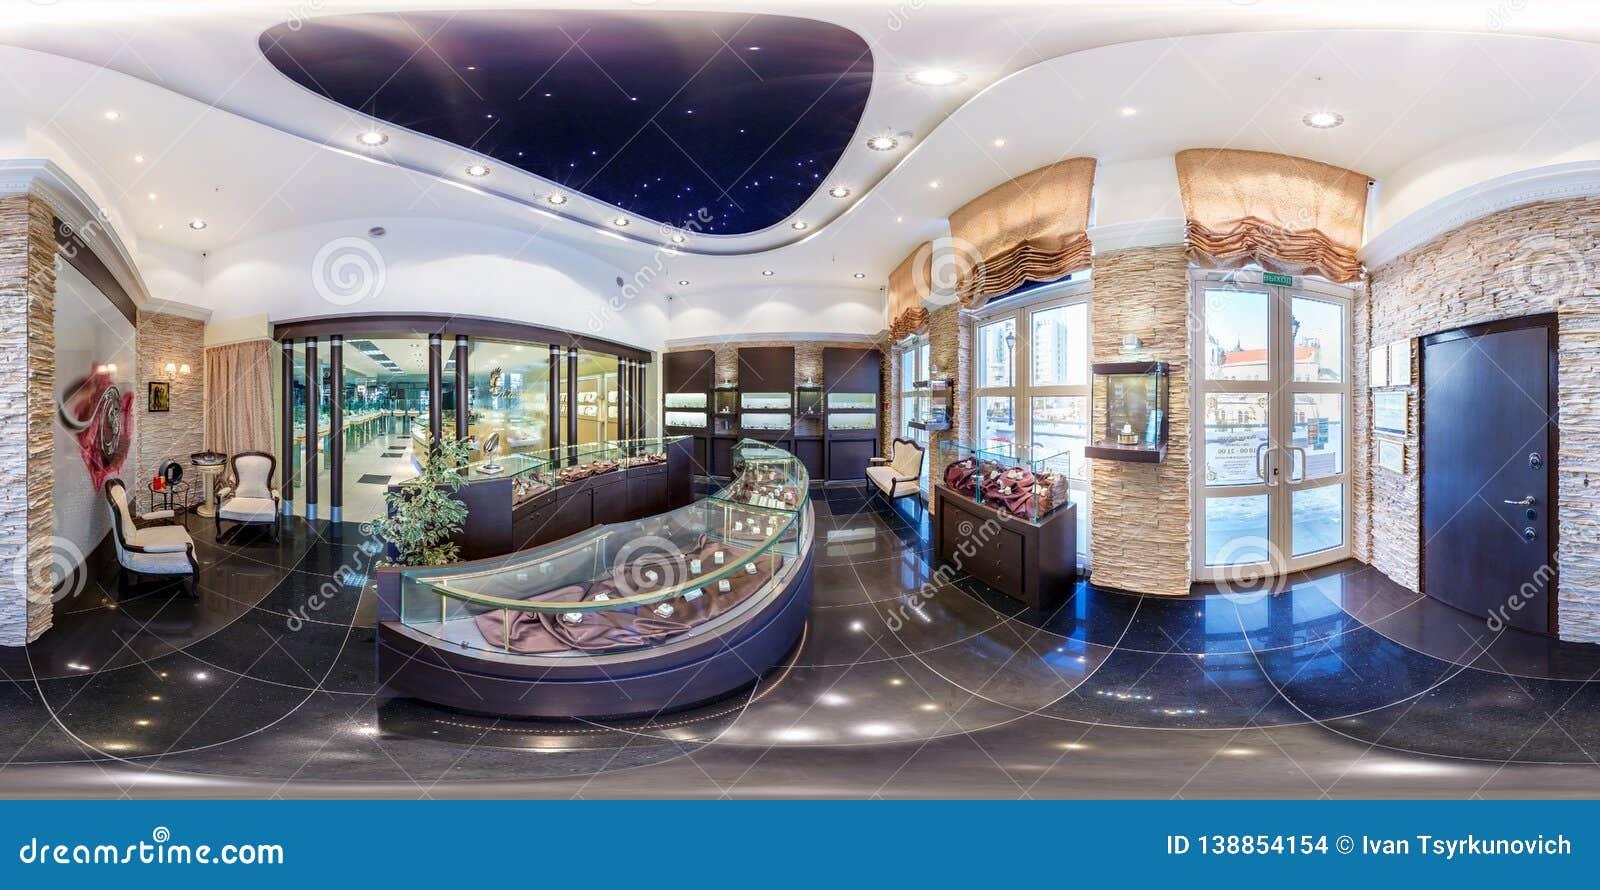 МИНСК, БЕЛАРУСЬ - ФЕВРАЛЬ 2013: Полностью безшовная панорама 360 угловых градусов взгляда внутри интерьера роскошного ювелирного